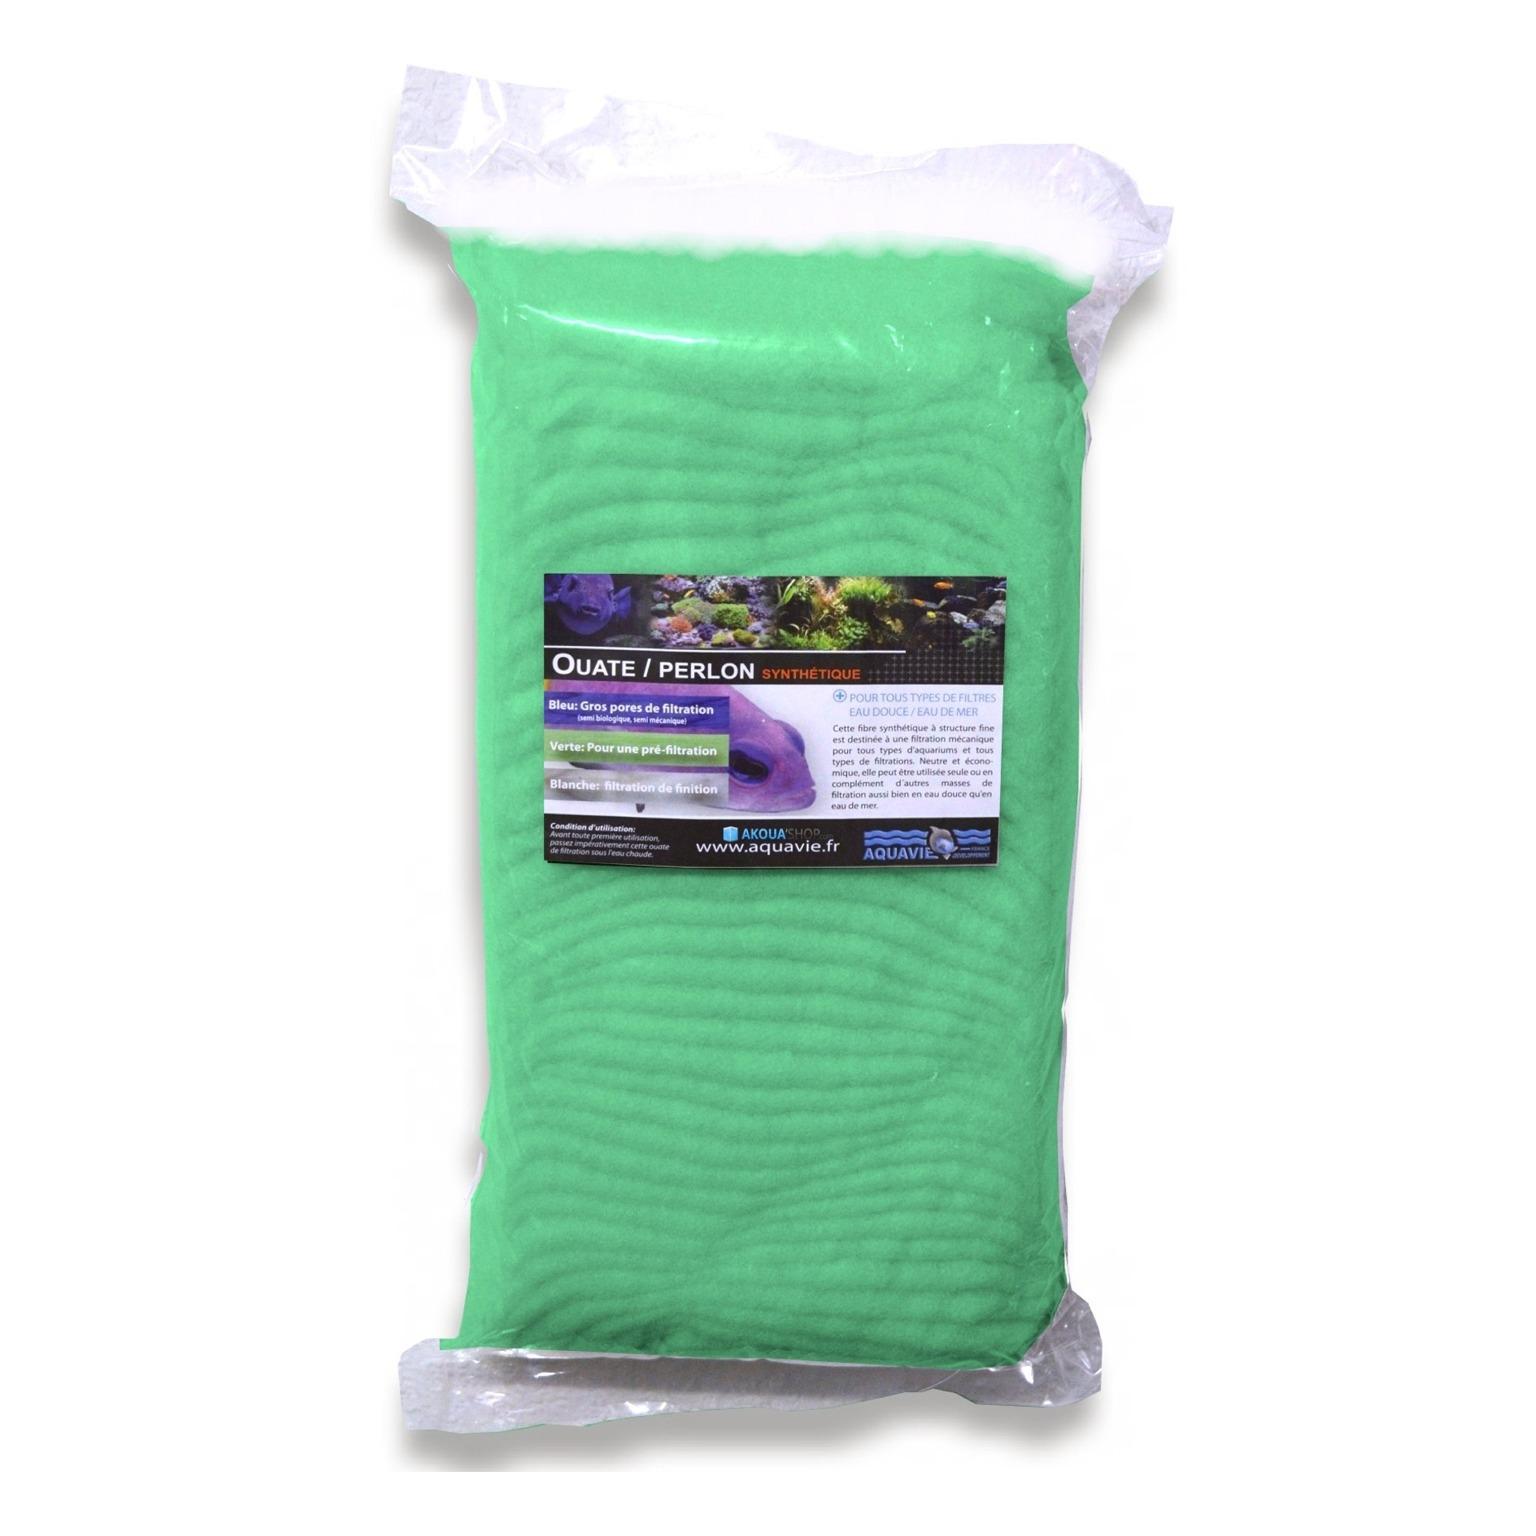 AQUAVIE Ouate verte 250 gr spéciale pré-filtration pour aquarium d\'eau douce et d\'eau de mer